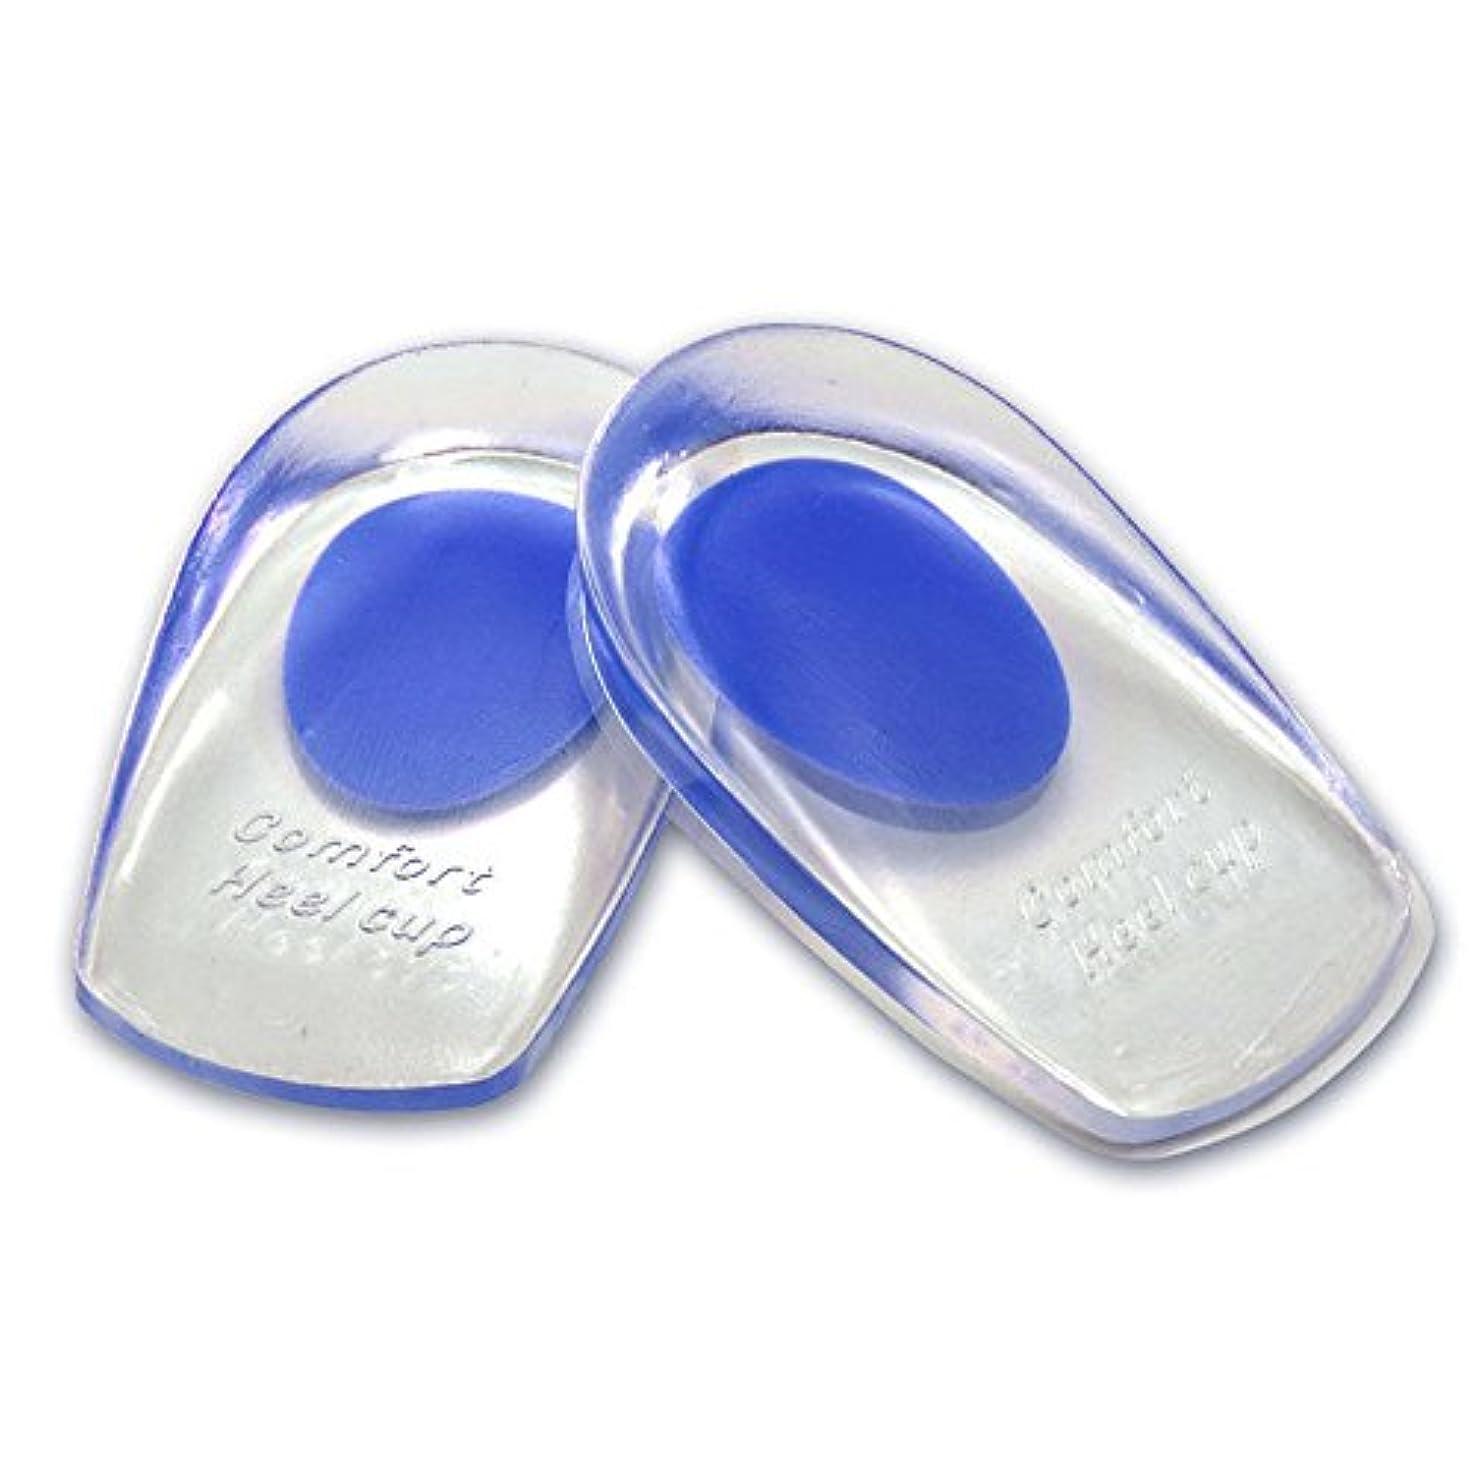 問い合わせるかまどミキサーシリコンヒールカップ かかとの痛み防止に ソフトシリコン製 インソールクッション 衝撃緩和 立体形状 フィット感抜群 FMTMXCA2S (ブルー(靴サイズ24.5~27.5cm用))